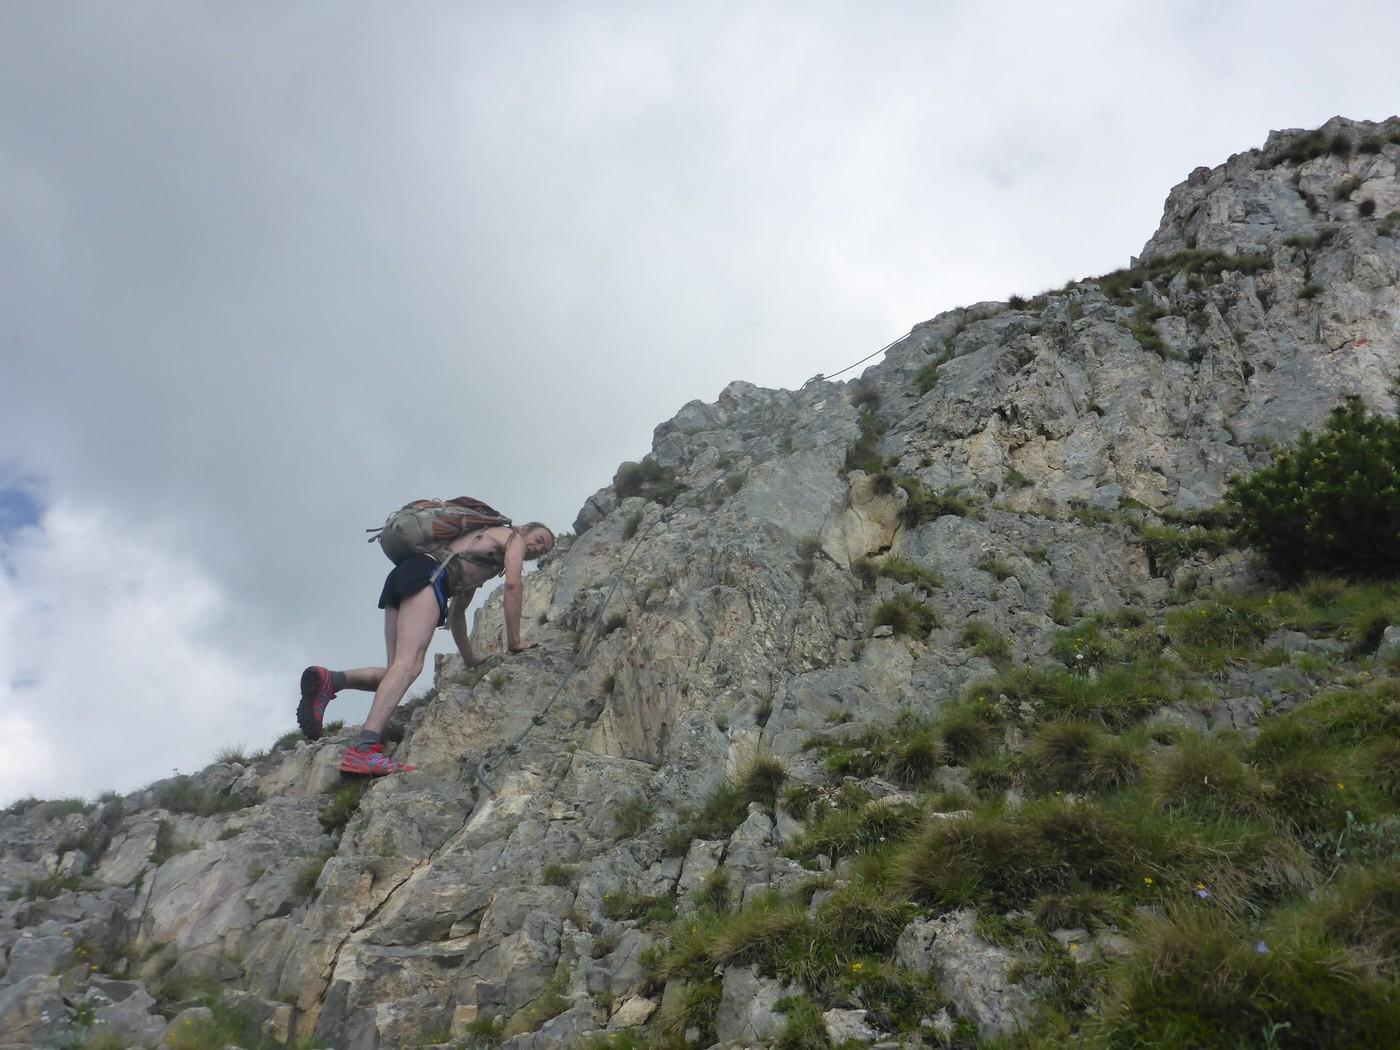 Klettersteig Rax : Grete klinger steig eisenerzer alpen klettersteig gbl